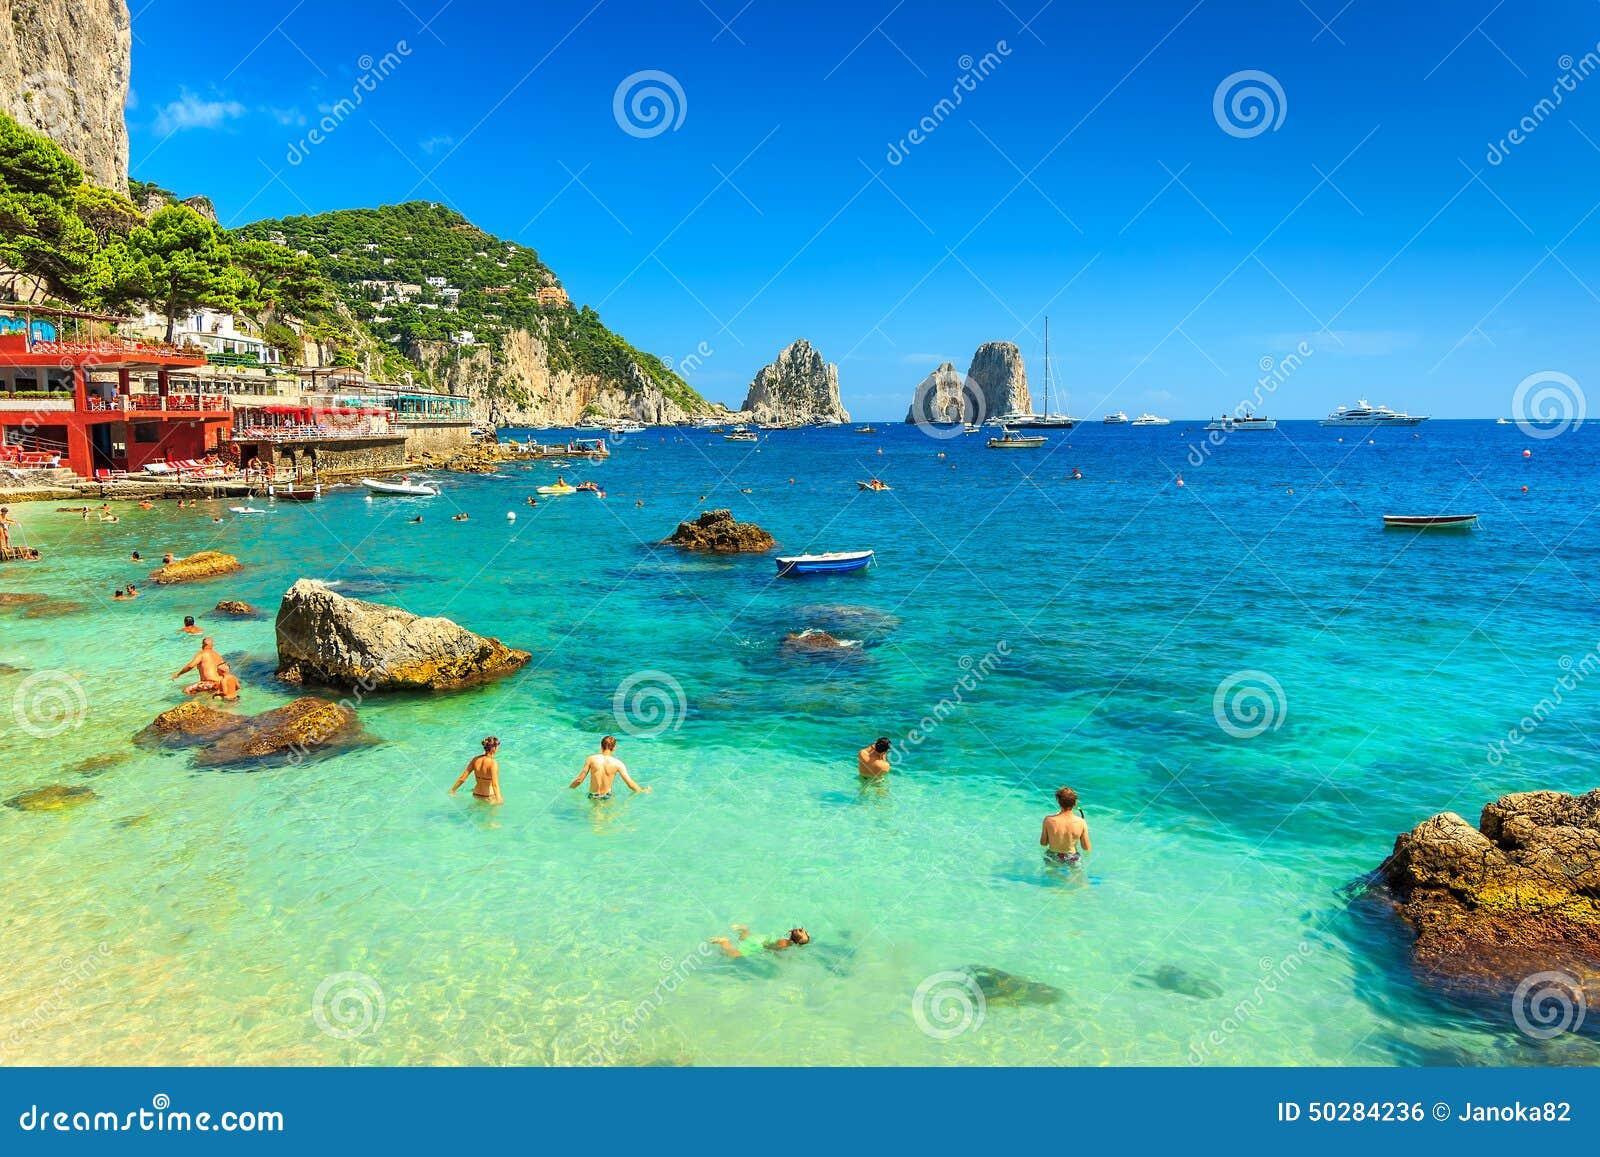 sch ner strand und klippen in capri insel italien europa stockfoto bild von hafen outdoor. Black Bedroom Furniture Sets. Home Design Ideas